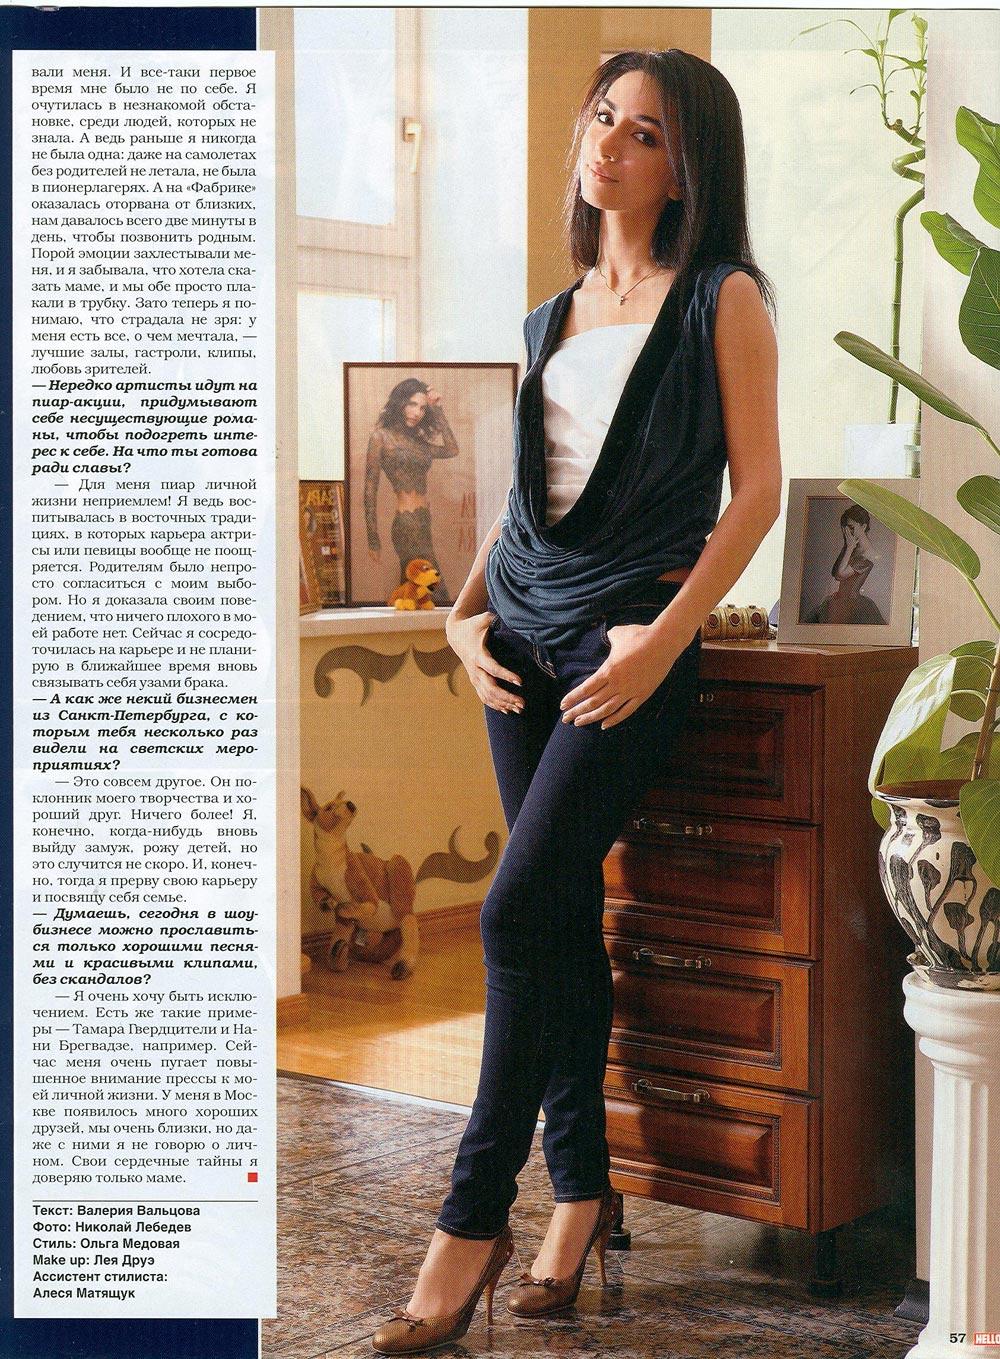 http://zara-star.narod.ru/pressa/hallo004.jpg